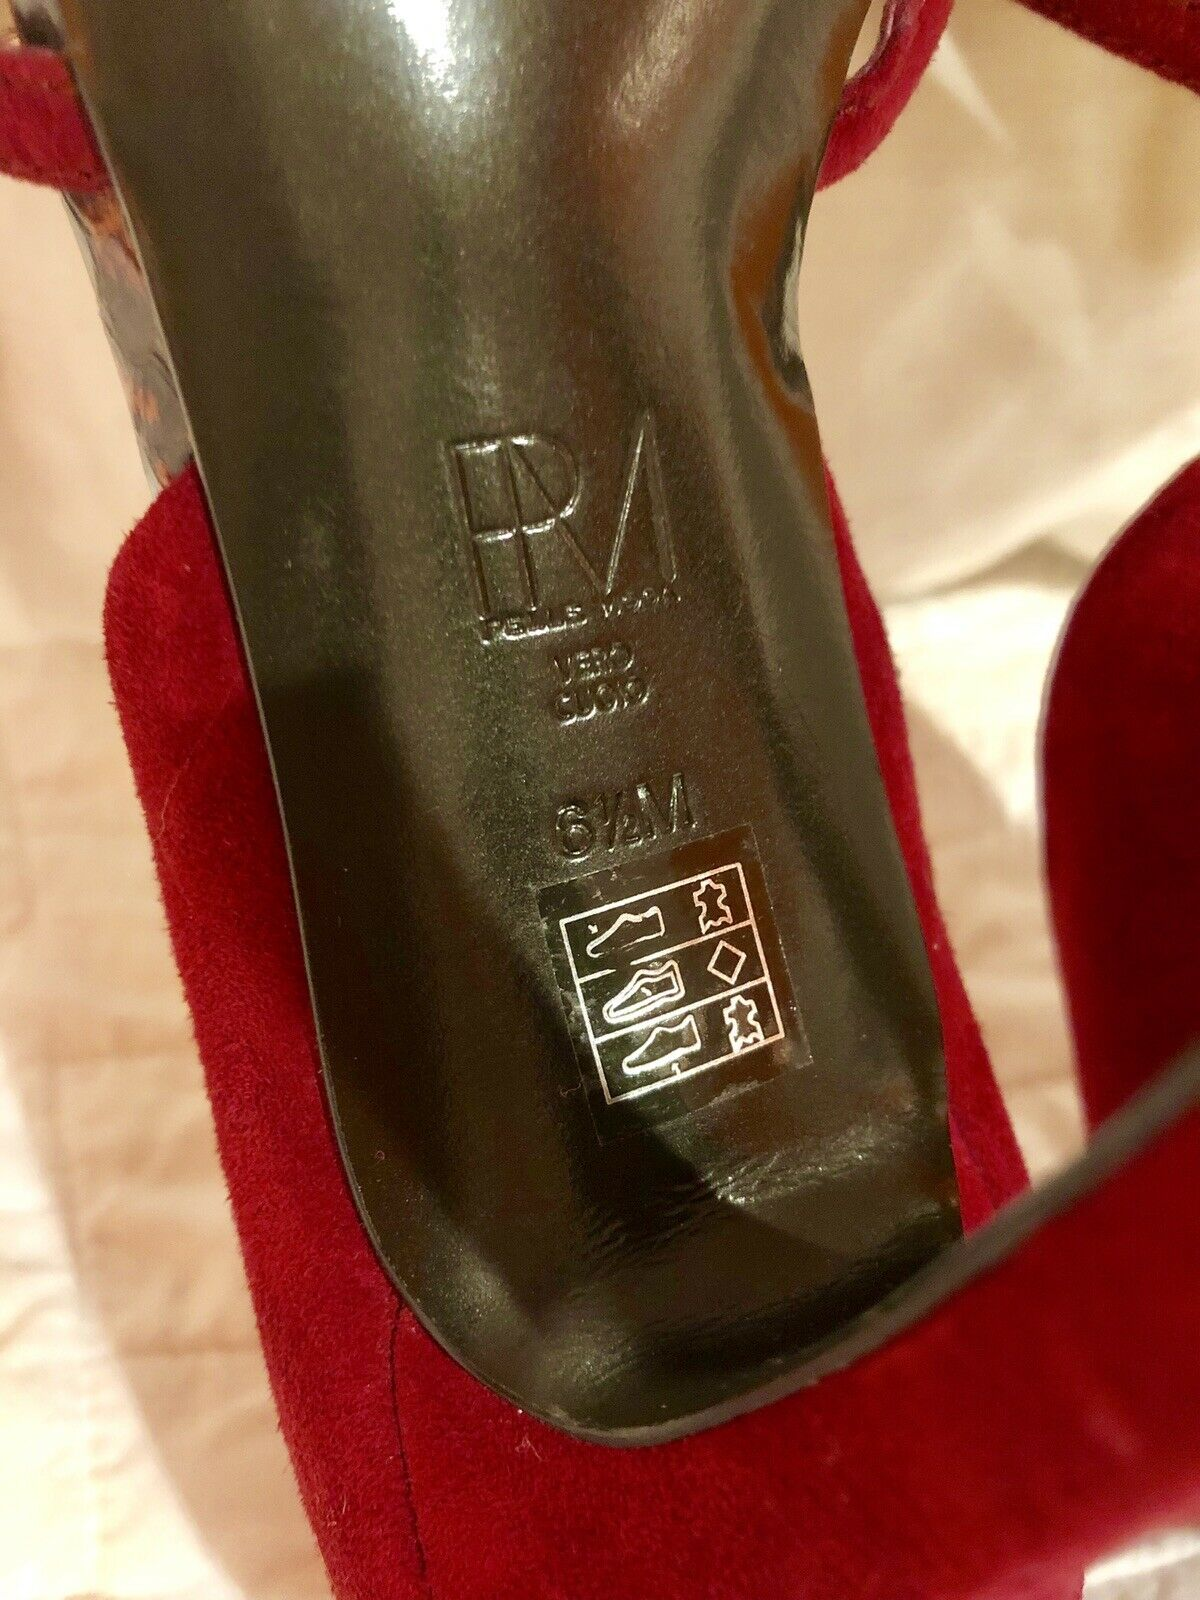 Pelle Moda D'Orsay Cut Out Platforms Size Size Size 6 1 2 6.5 c3a1e3